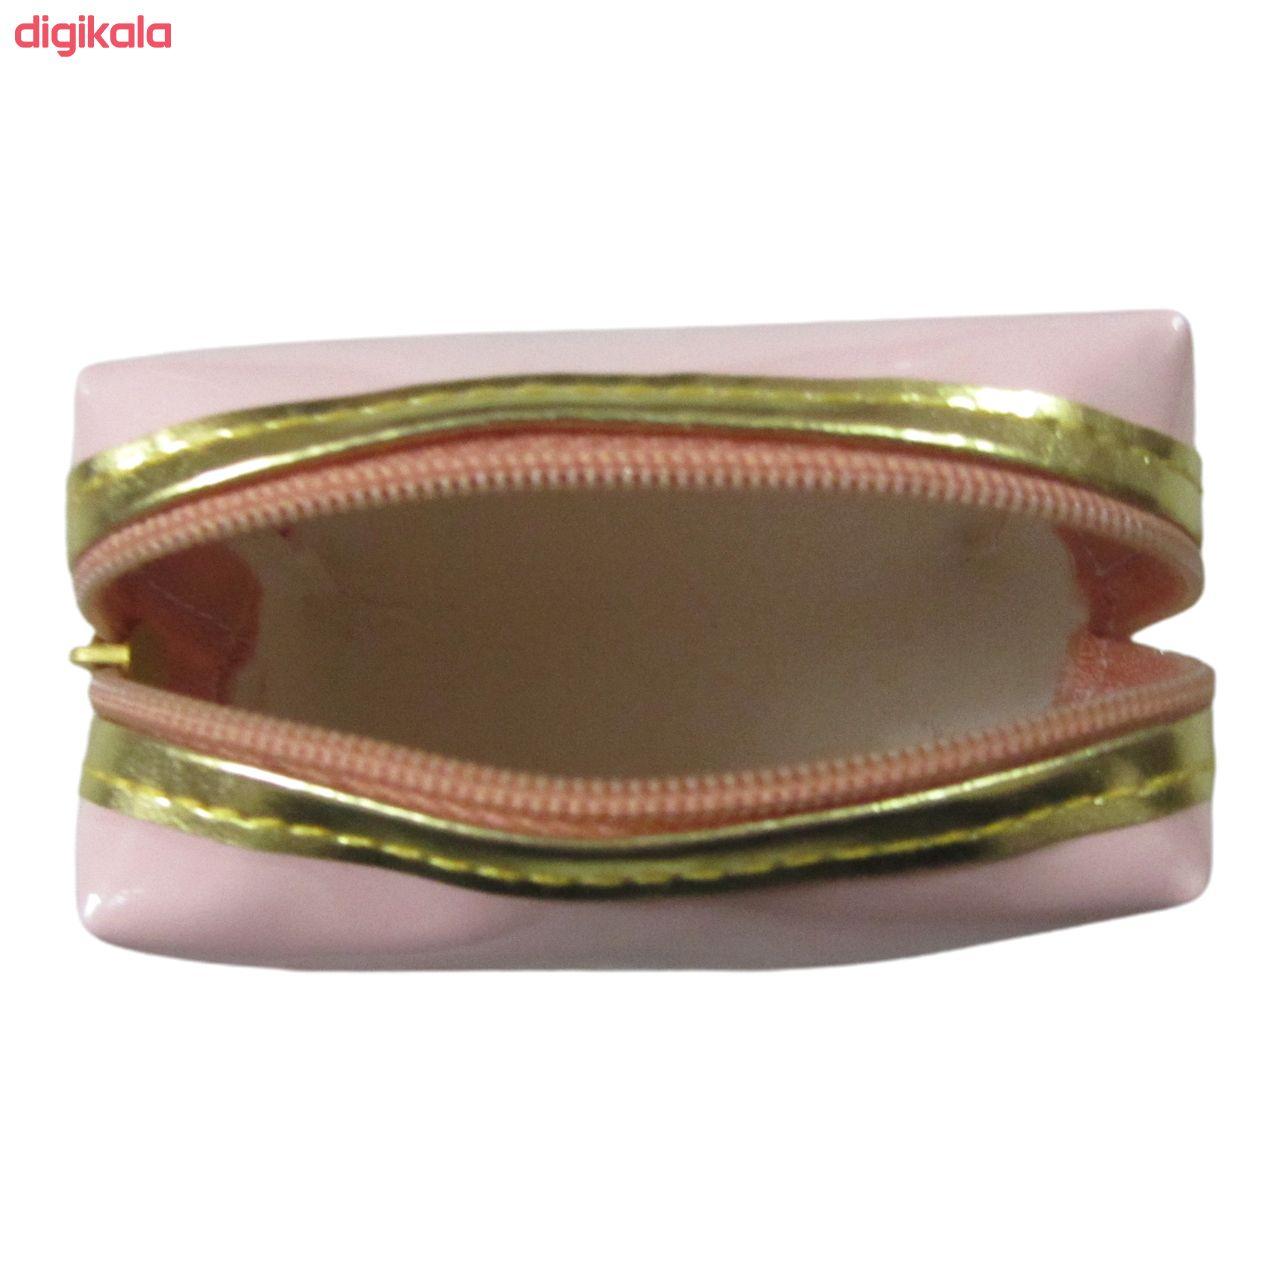 کیف لوازم آرایش زنانه مدل یونیکورن کد W33 main 1 3